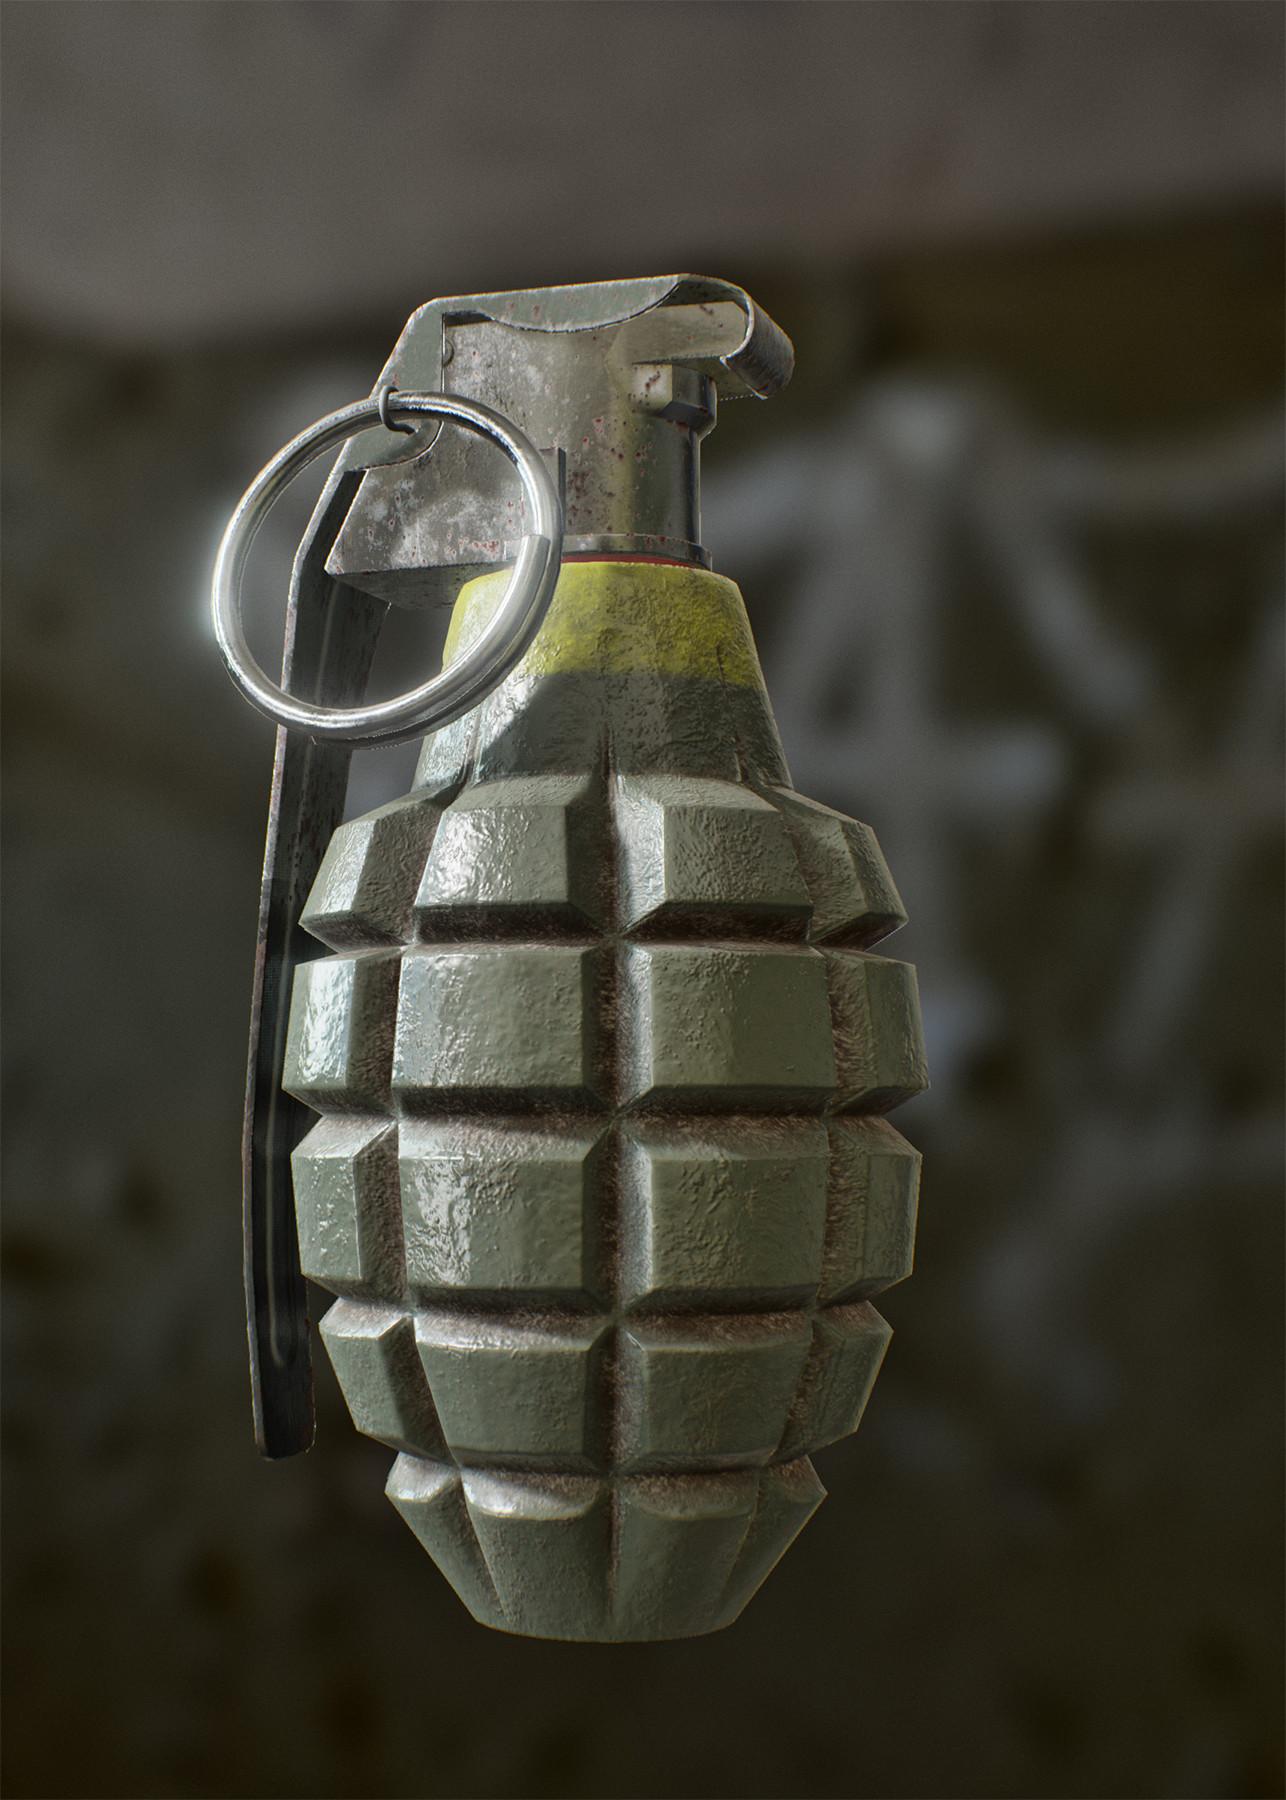 Daniel ketterman grenade1